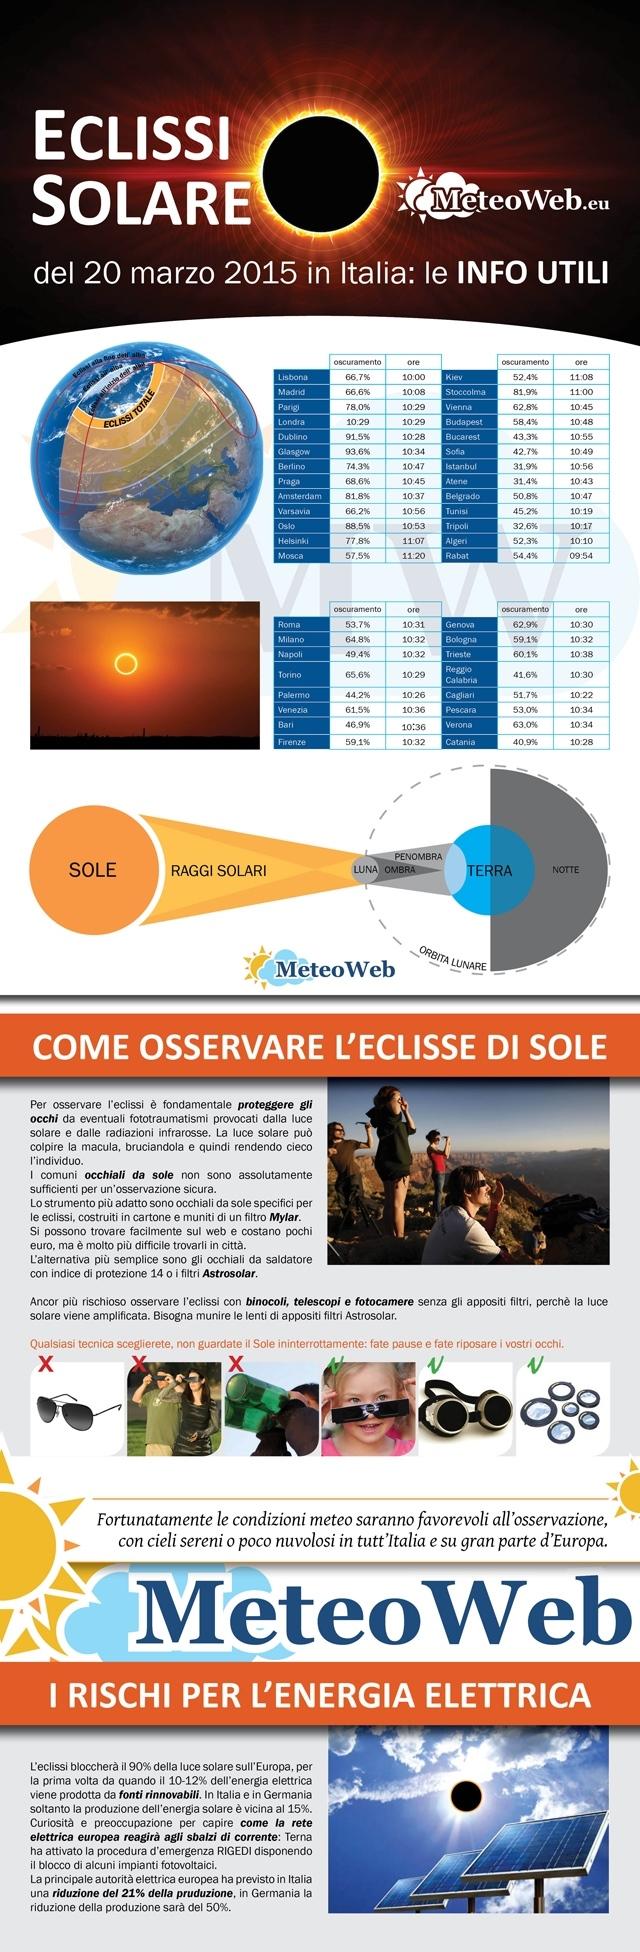 eclissi solare infografica meteoweb